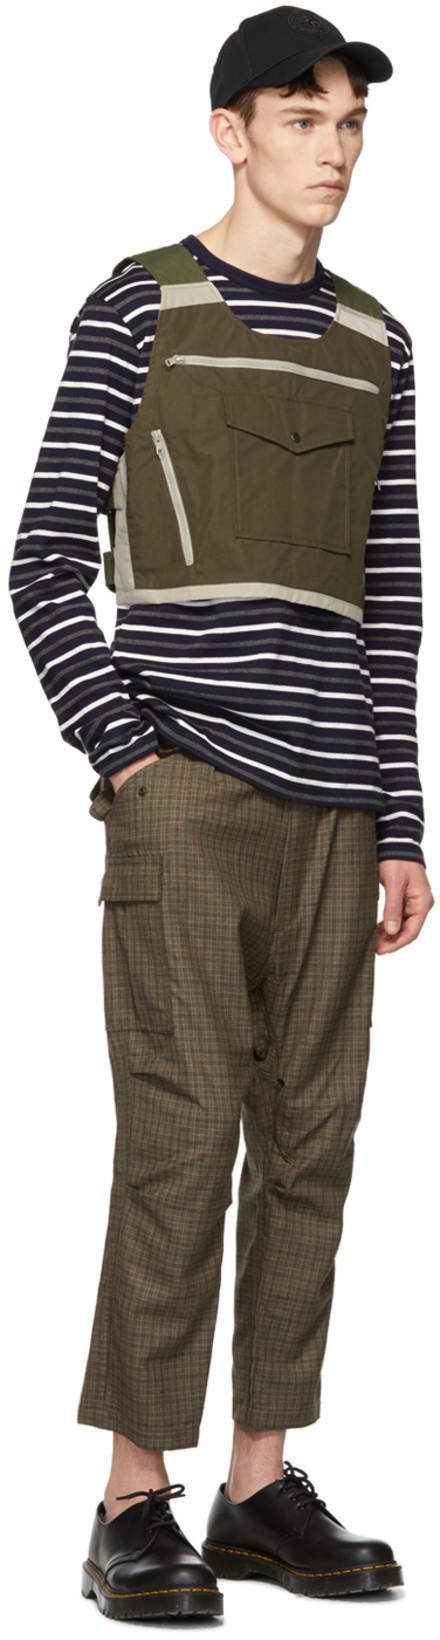 400bb42ff1 JUNYA WATANABE Junya Watanabe Navy Horizontal Stripes Long Sleeve T-Shirt  in 1 Nvy/